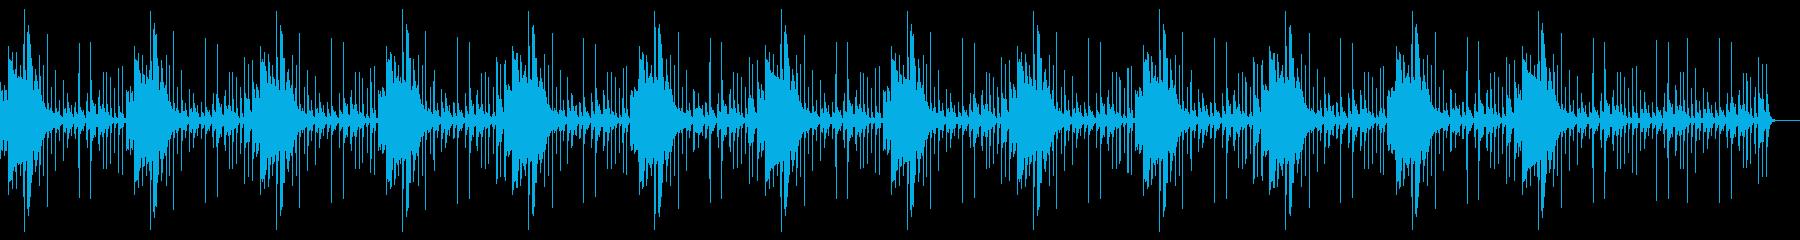 奇妙 不思議ミステリアス謎 不安 怪しげの再生済みの波形